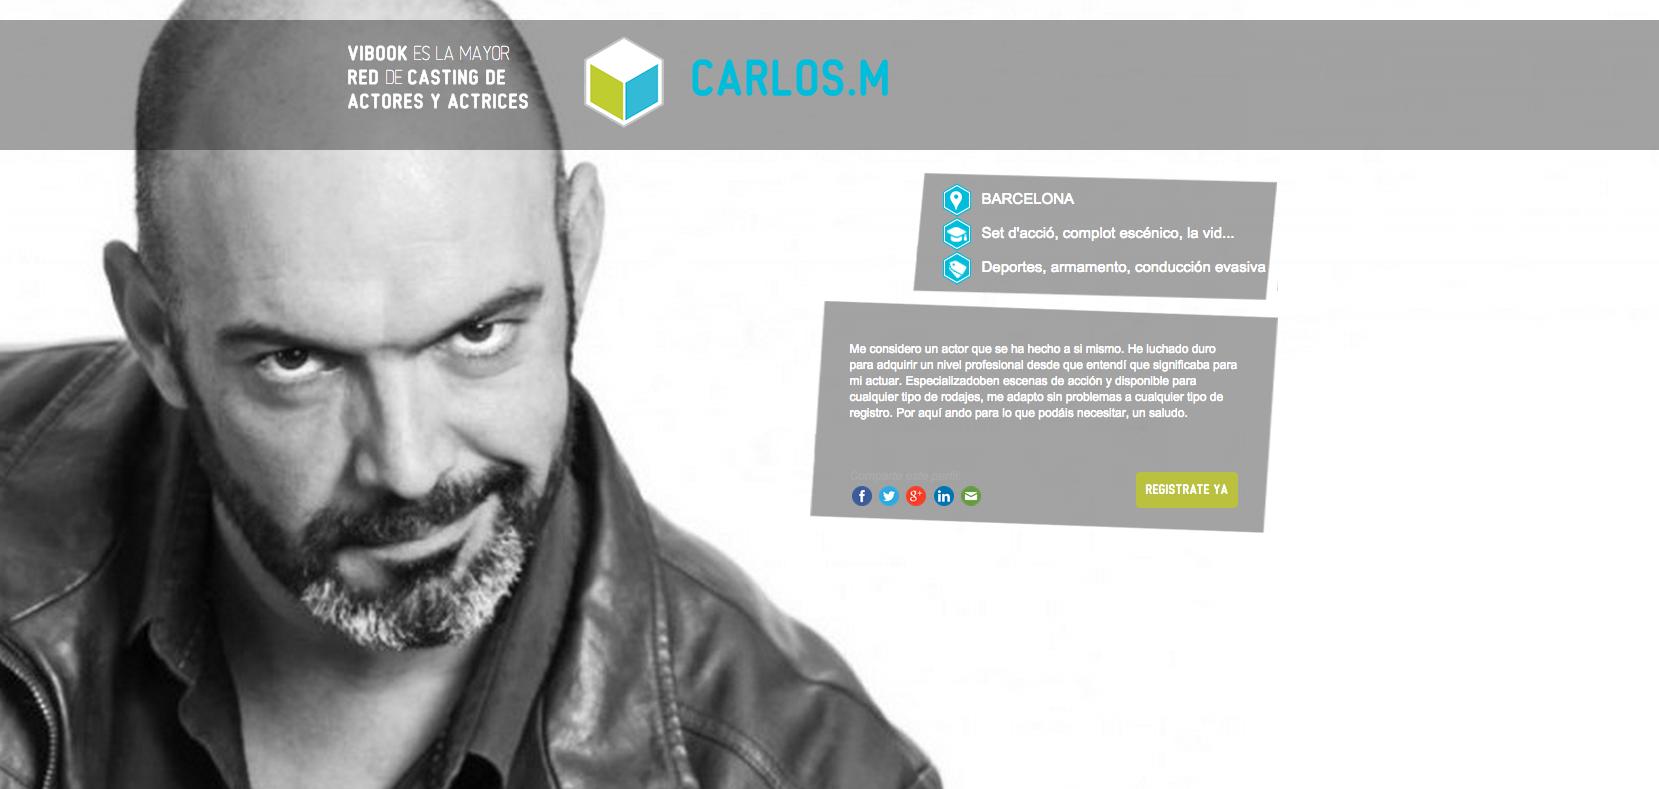 Actor CARLOS M